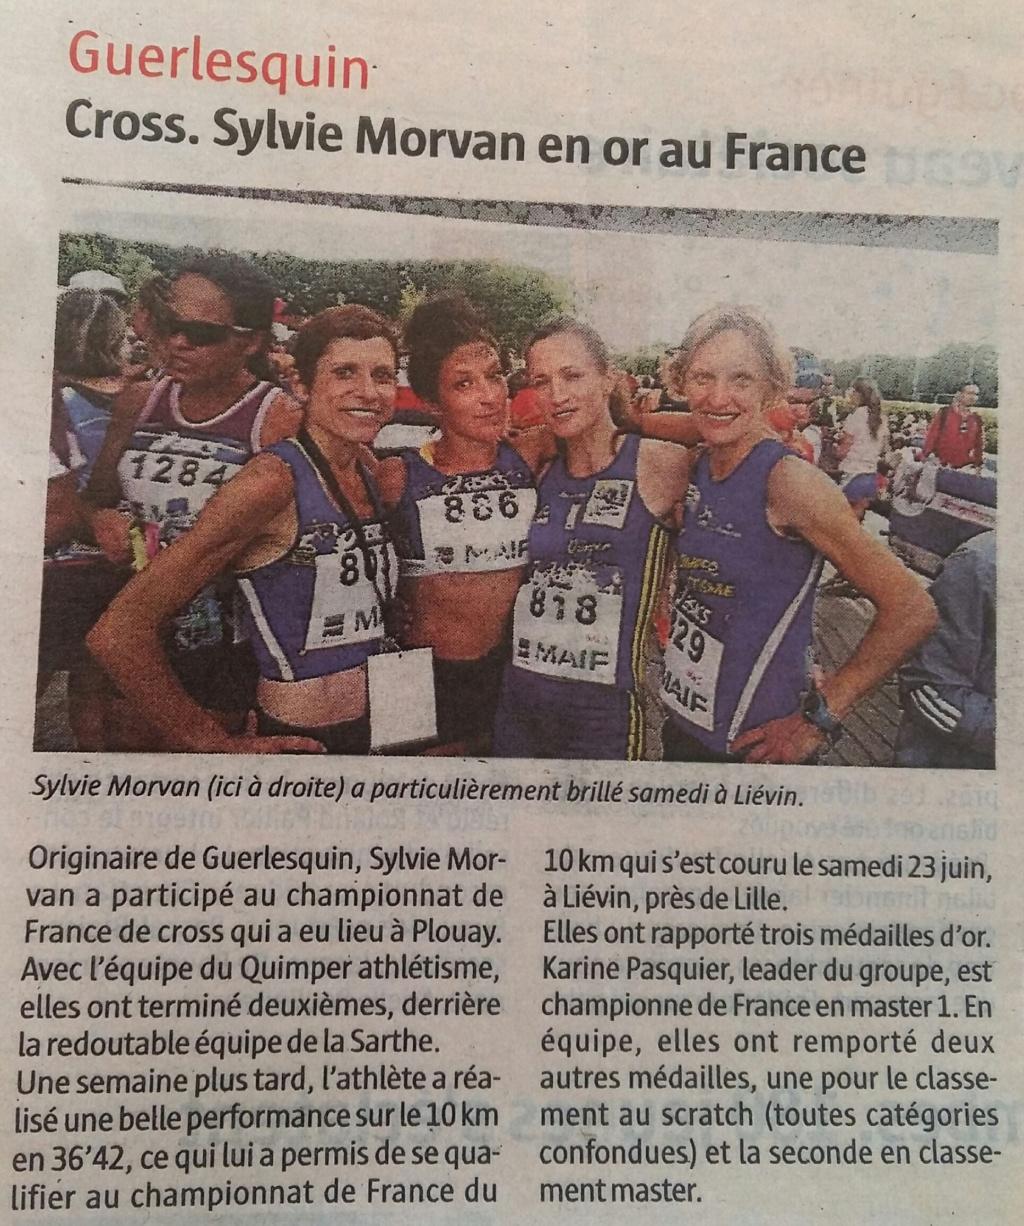 Athlétisme : Médaille d'or à une Guerlesquinaise Sylvie11